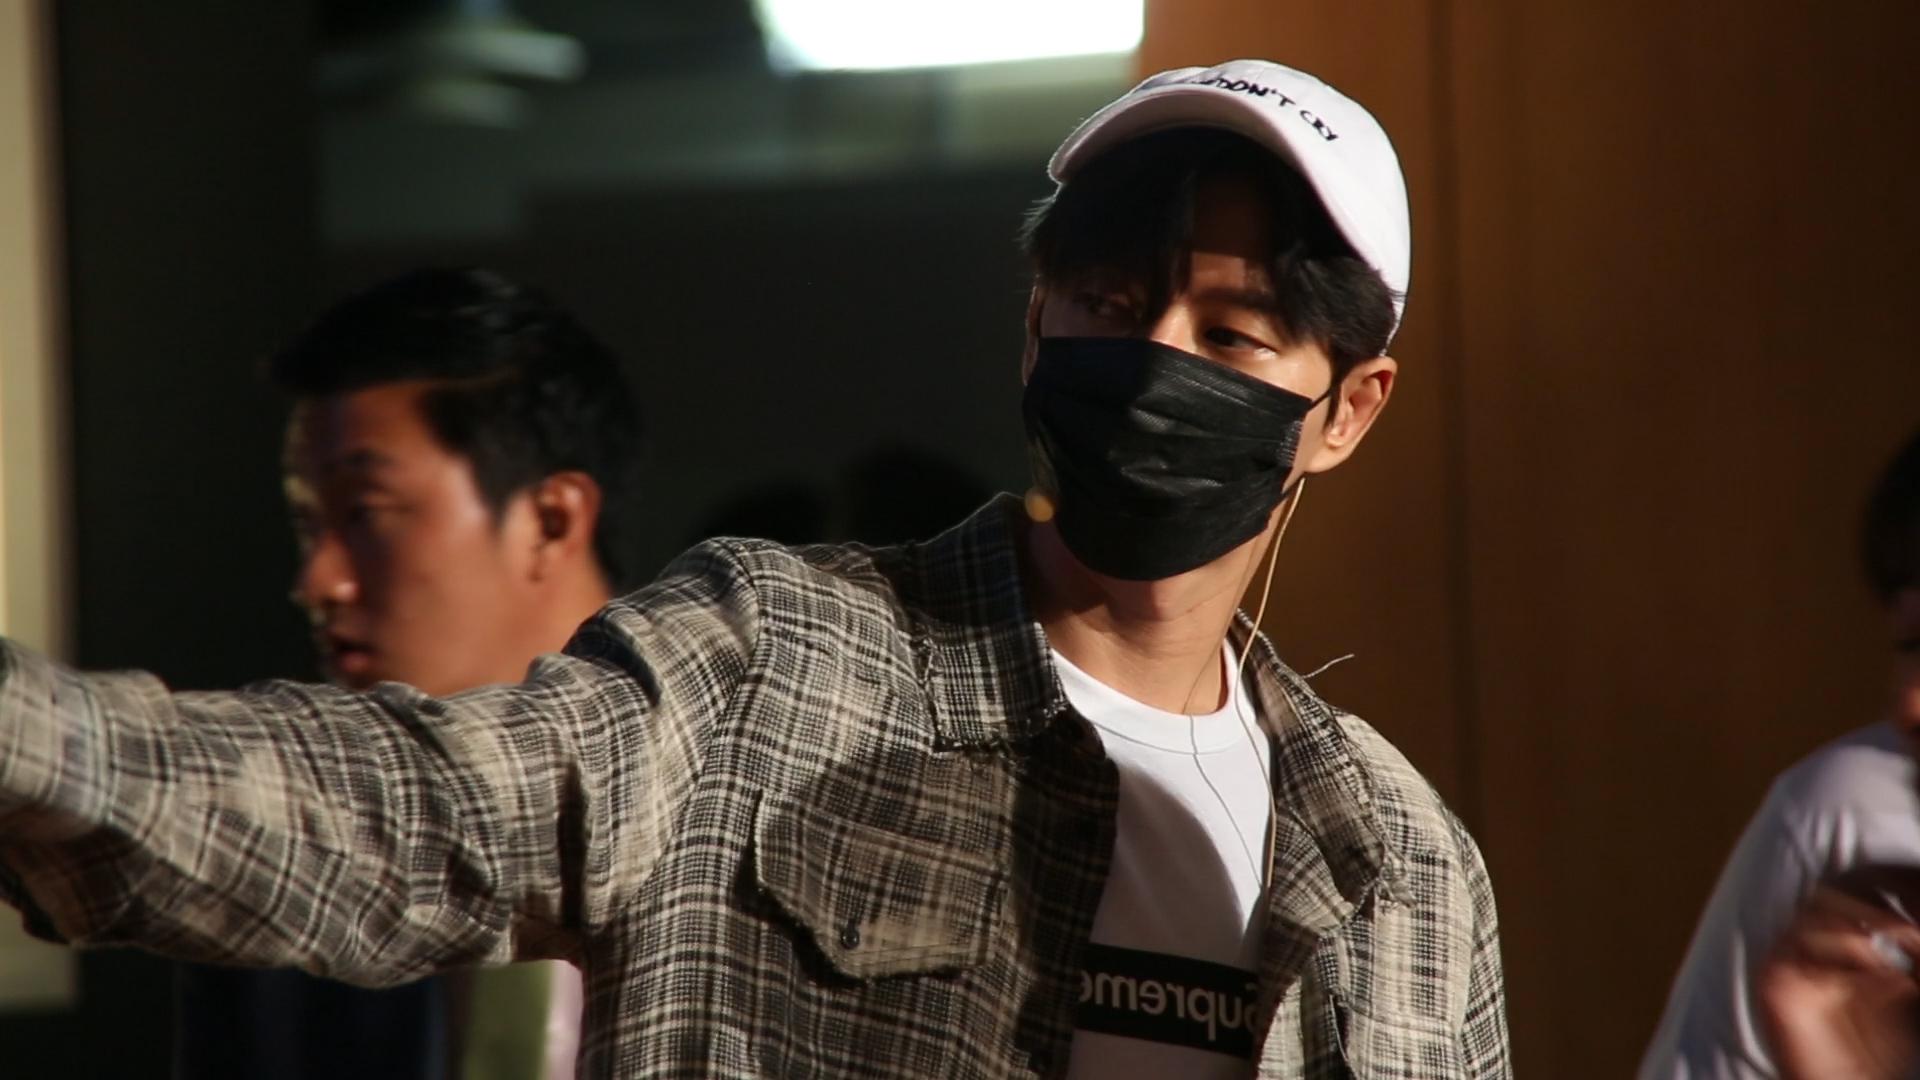 [Park Hae-Jin] True story - No. 46